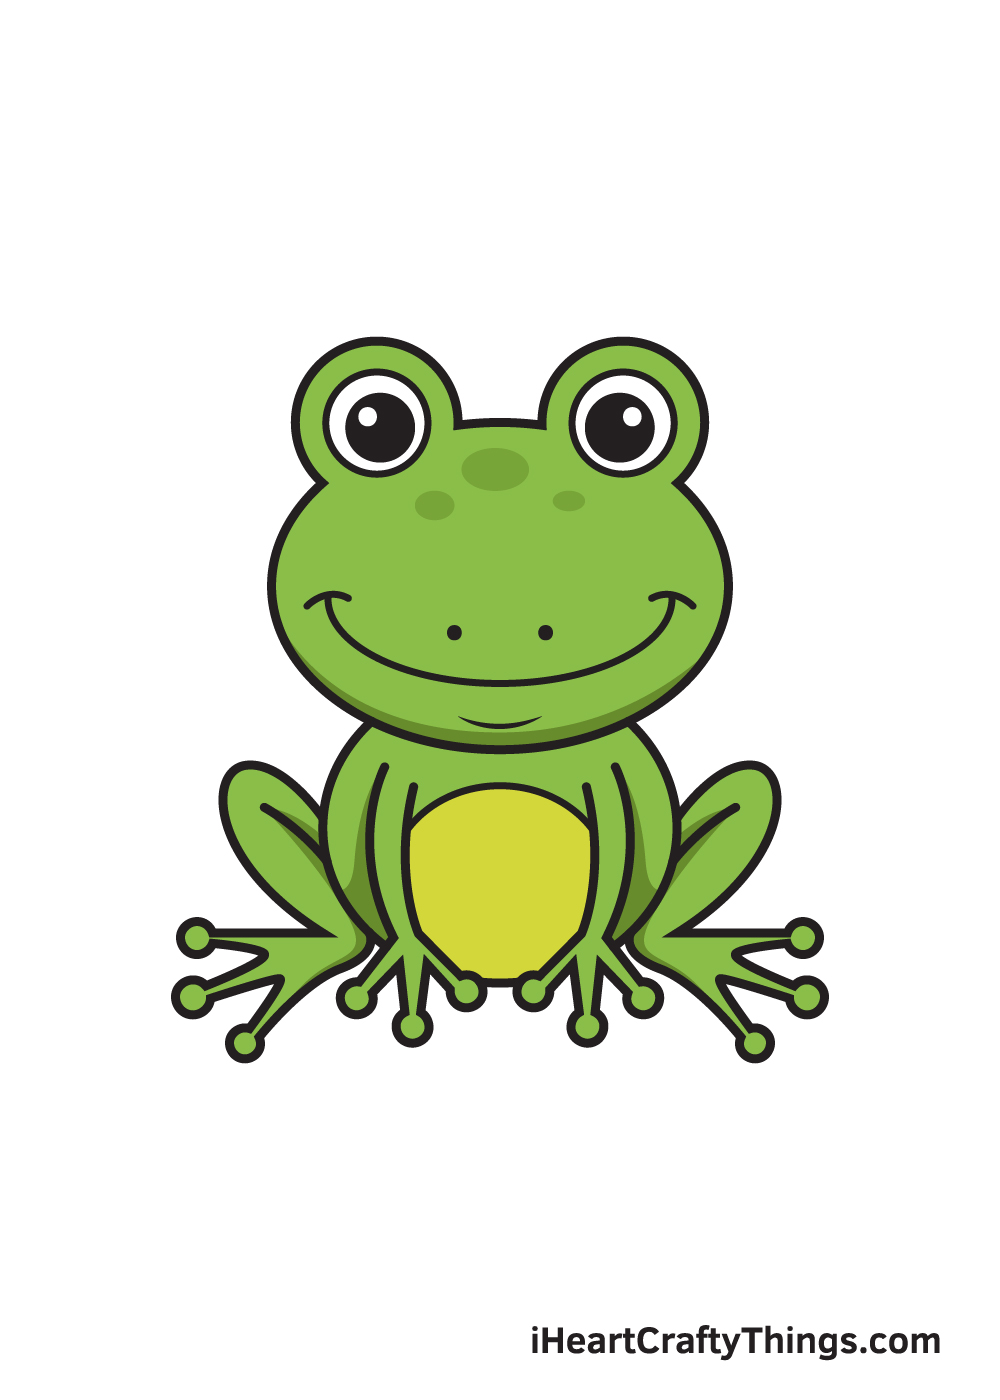 Vẽ ếch - 9 bước